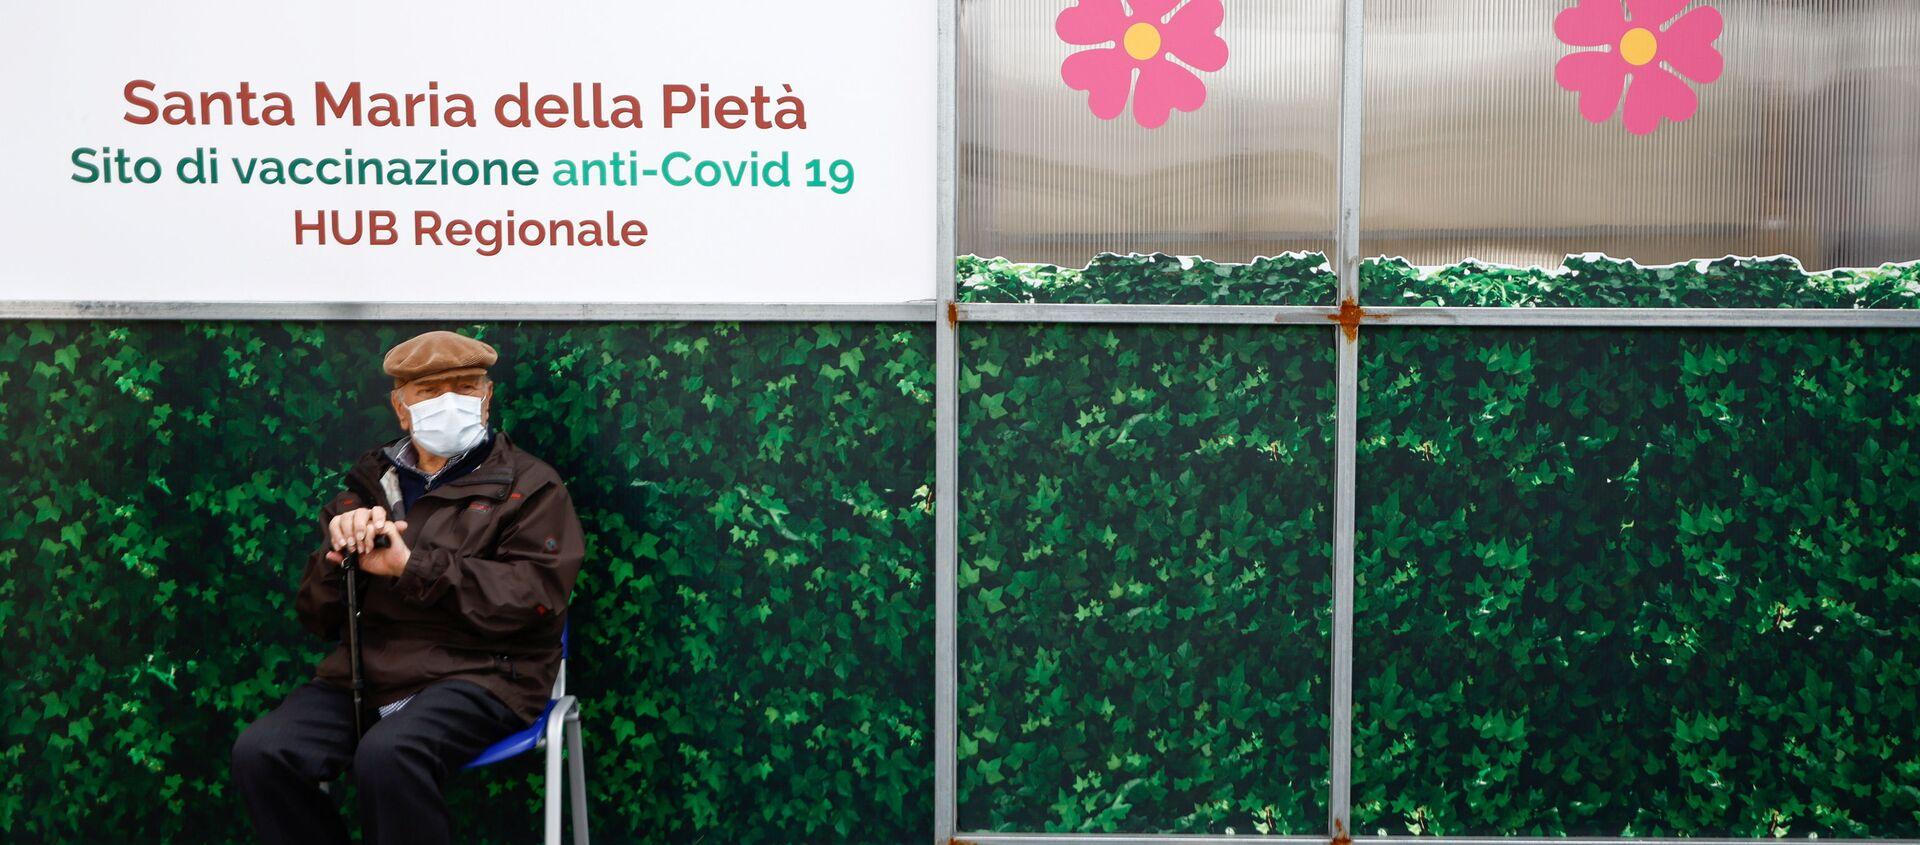 Vaccinazione in Italia, un anziano attende il suo turno - Sputnik Italia, 1920, 22.03.2021